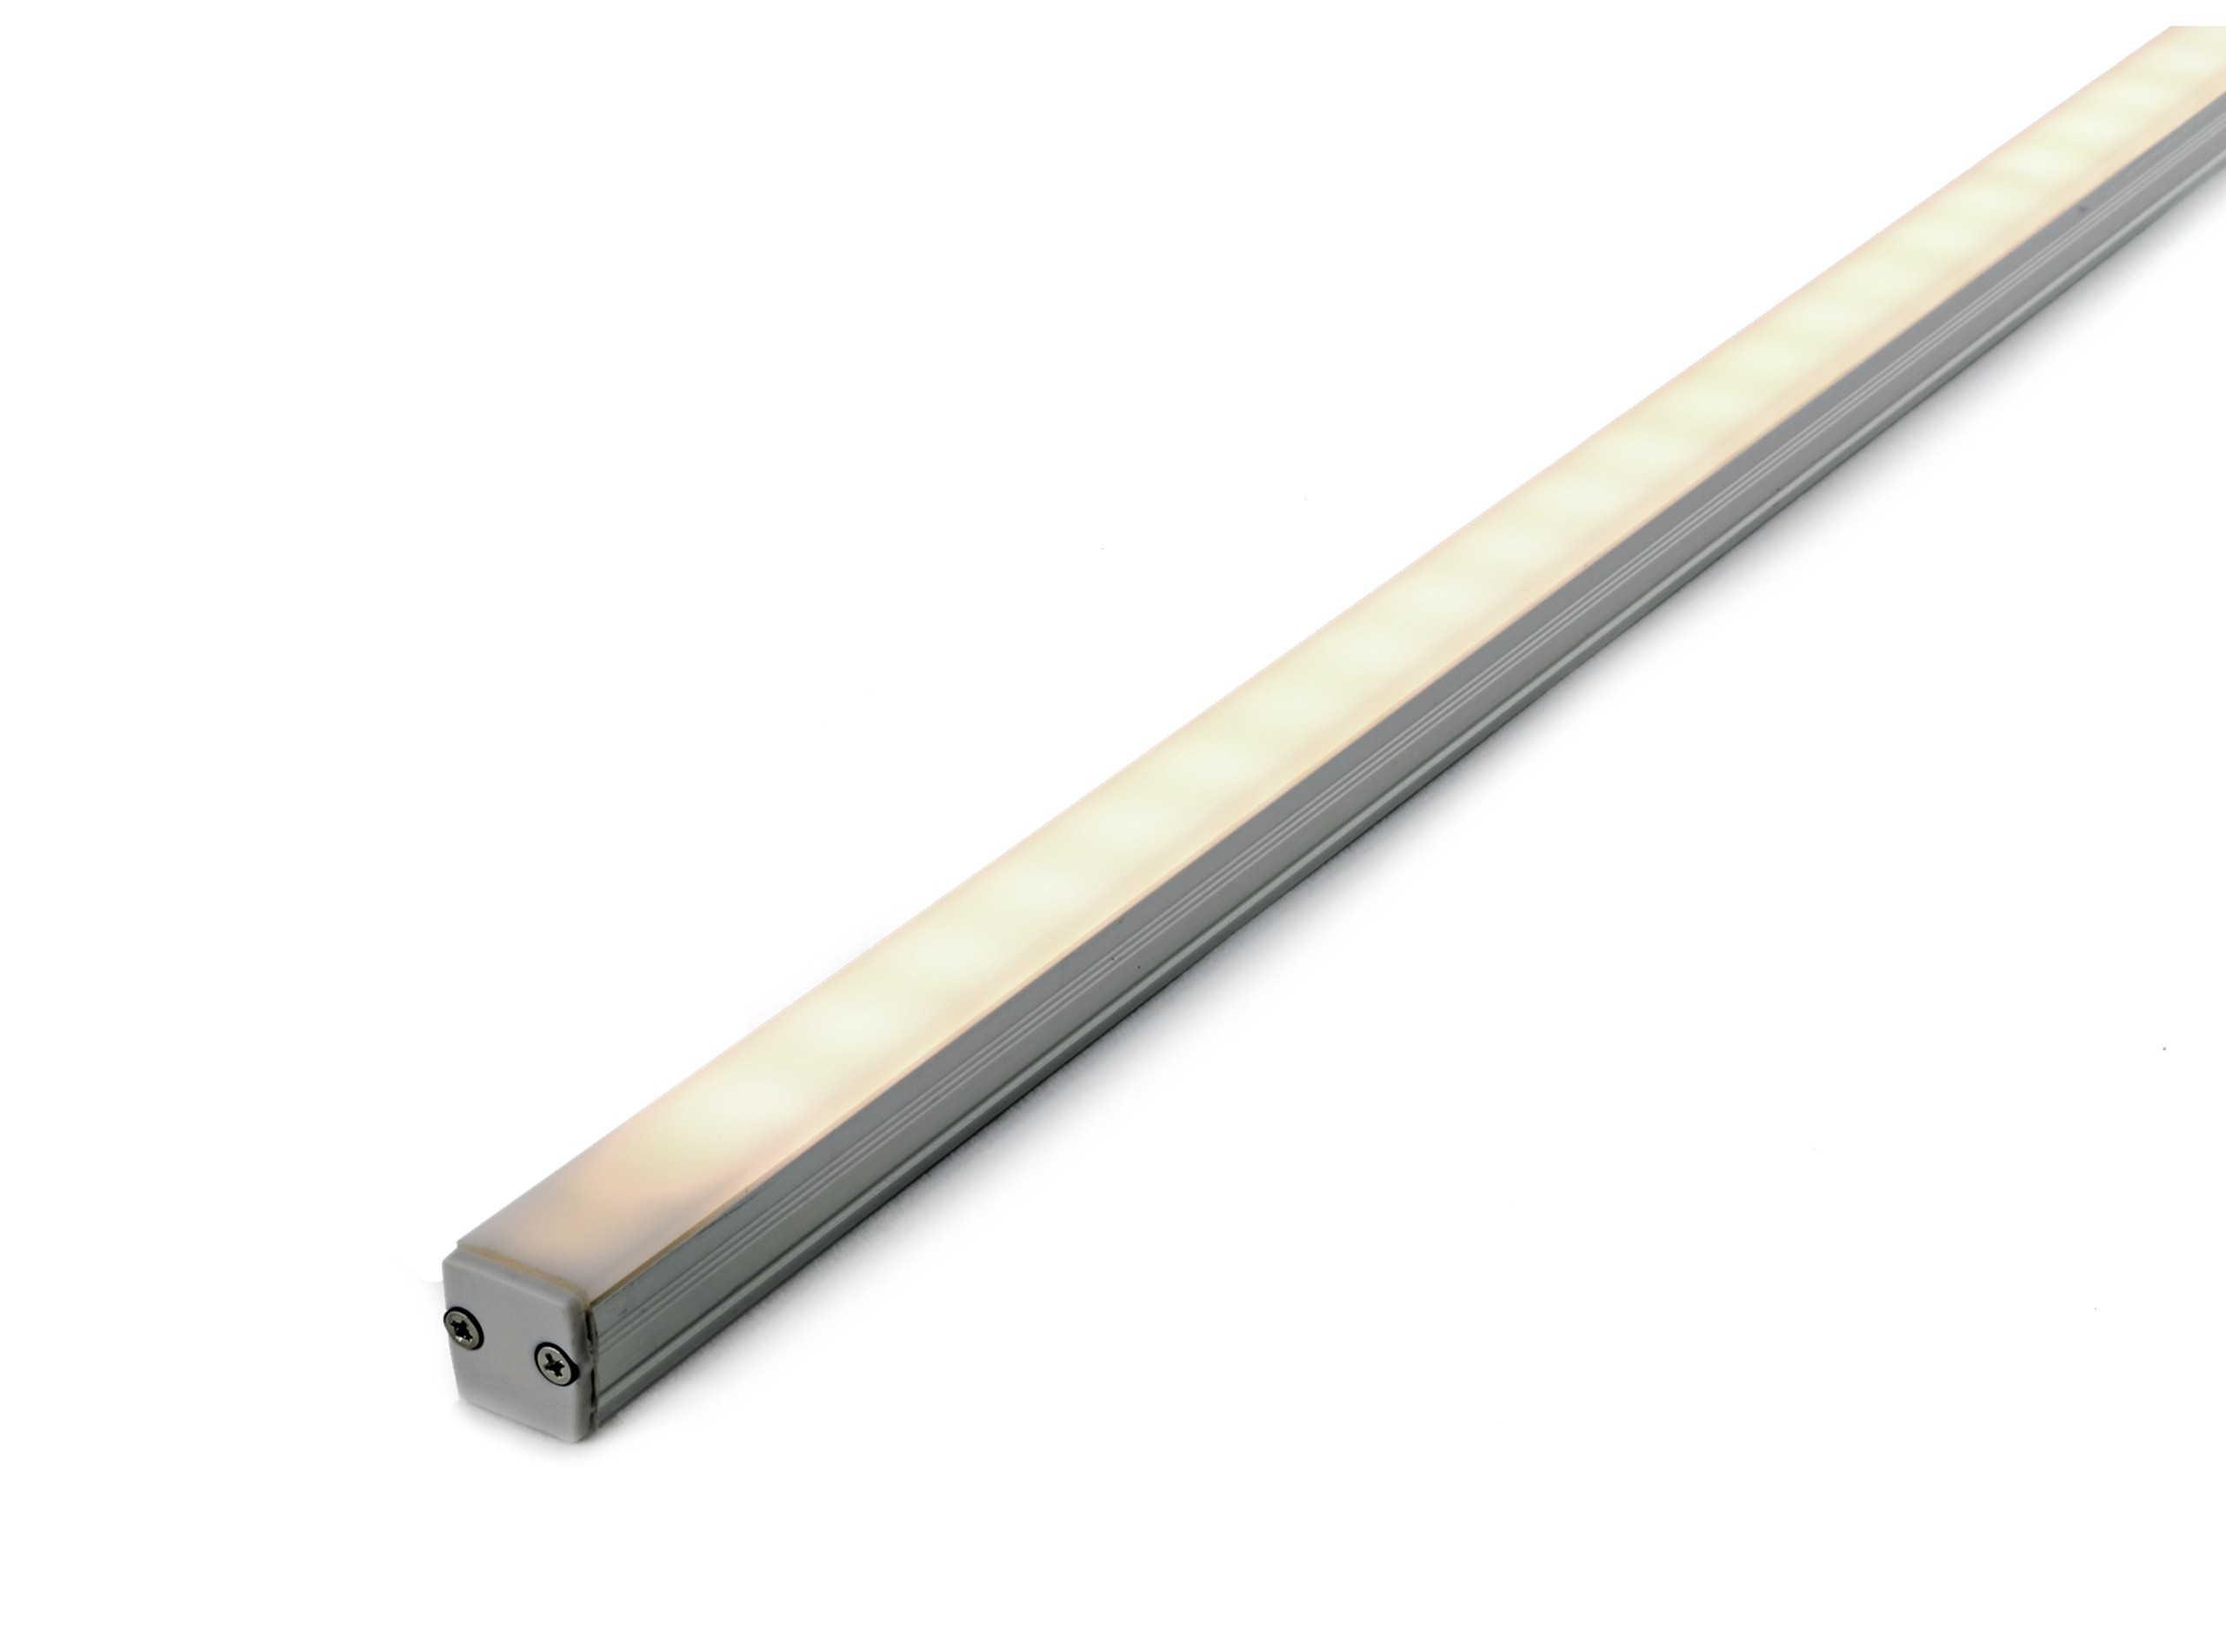 LB_LINE_BC_LedBruk Line Oświetlenie Liniowe IP68 ciepłe_2_2560x1900